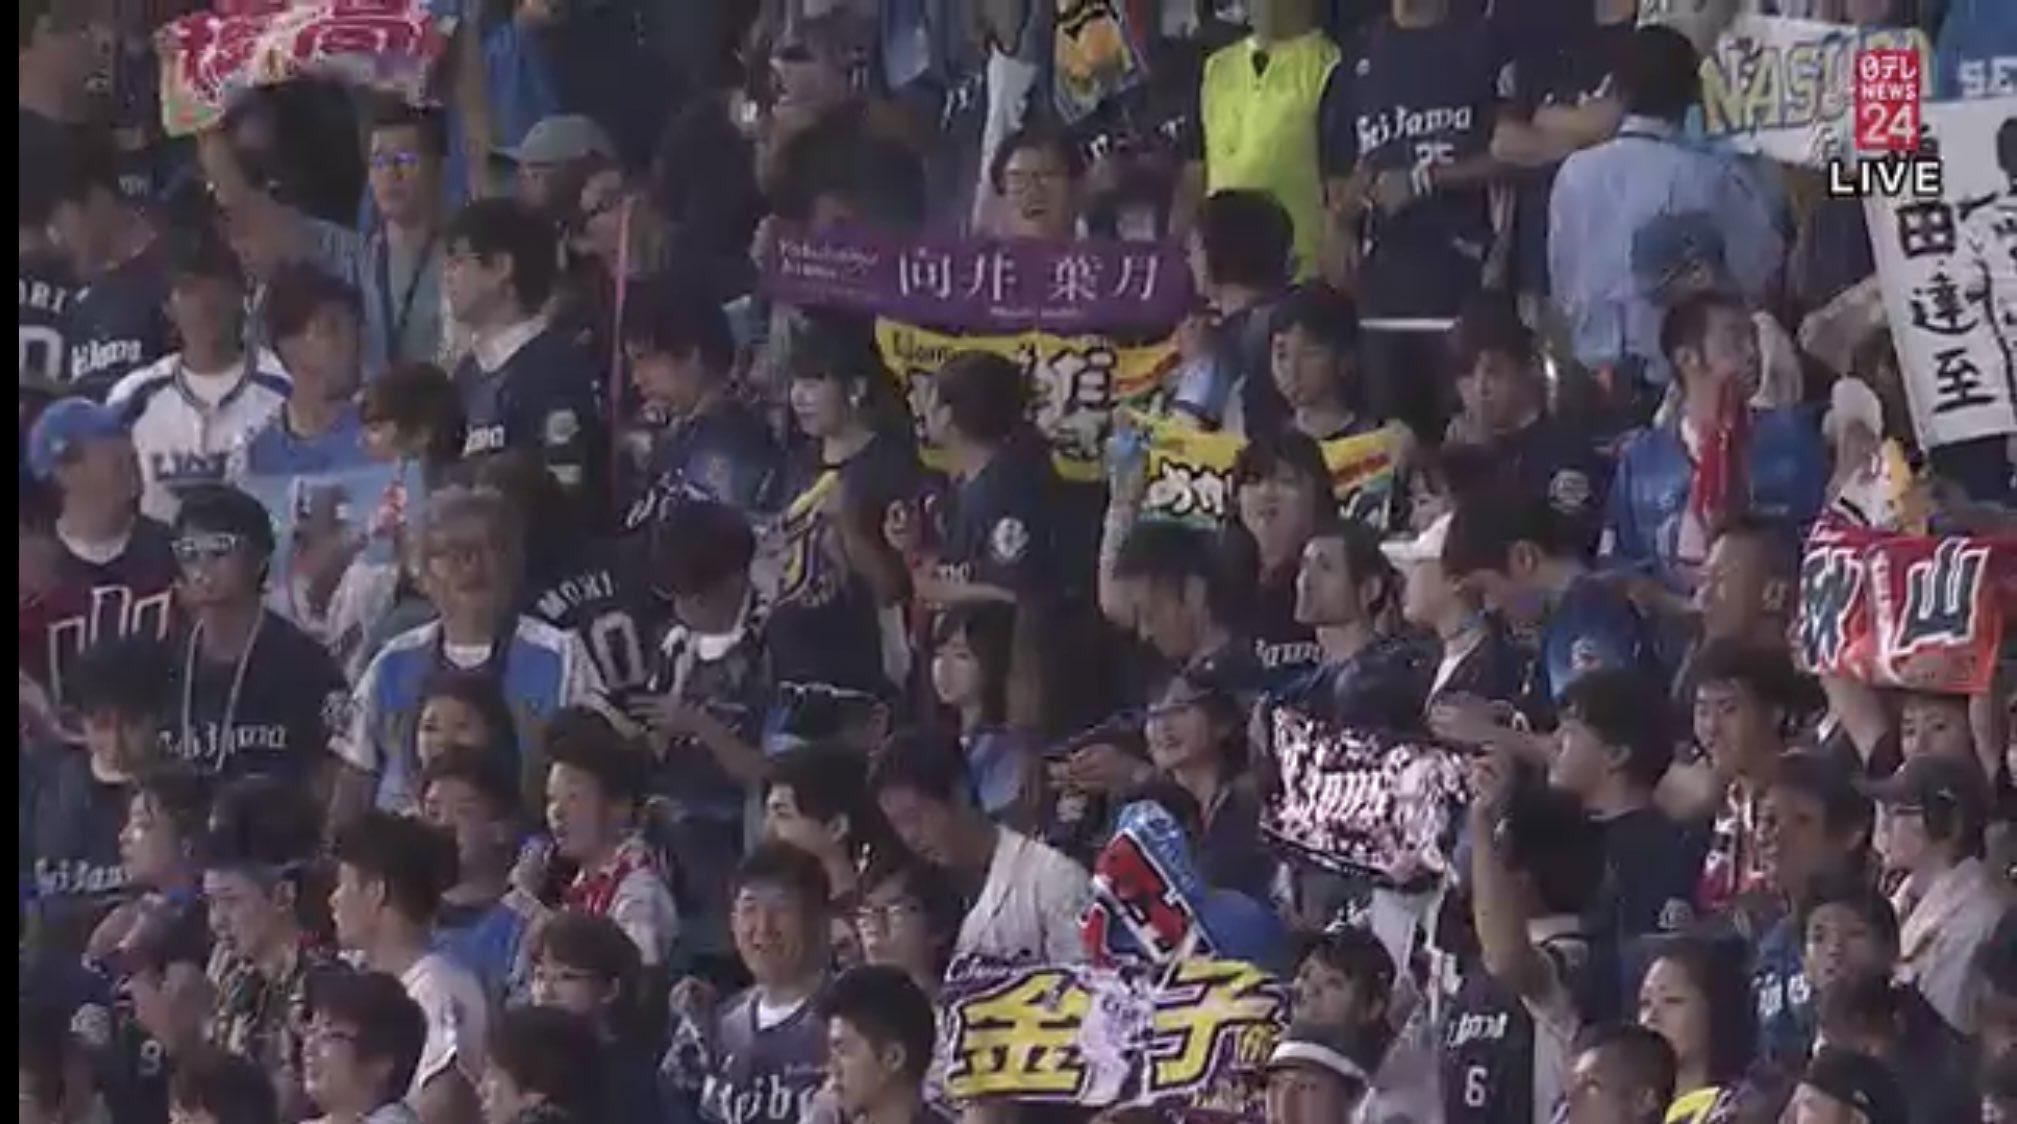 乃木坂46向井葉月ヲタ、西武2年連続パ・リーグ優勝で推しメンタオルを掲げる